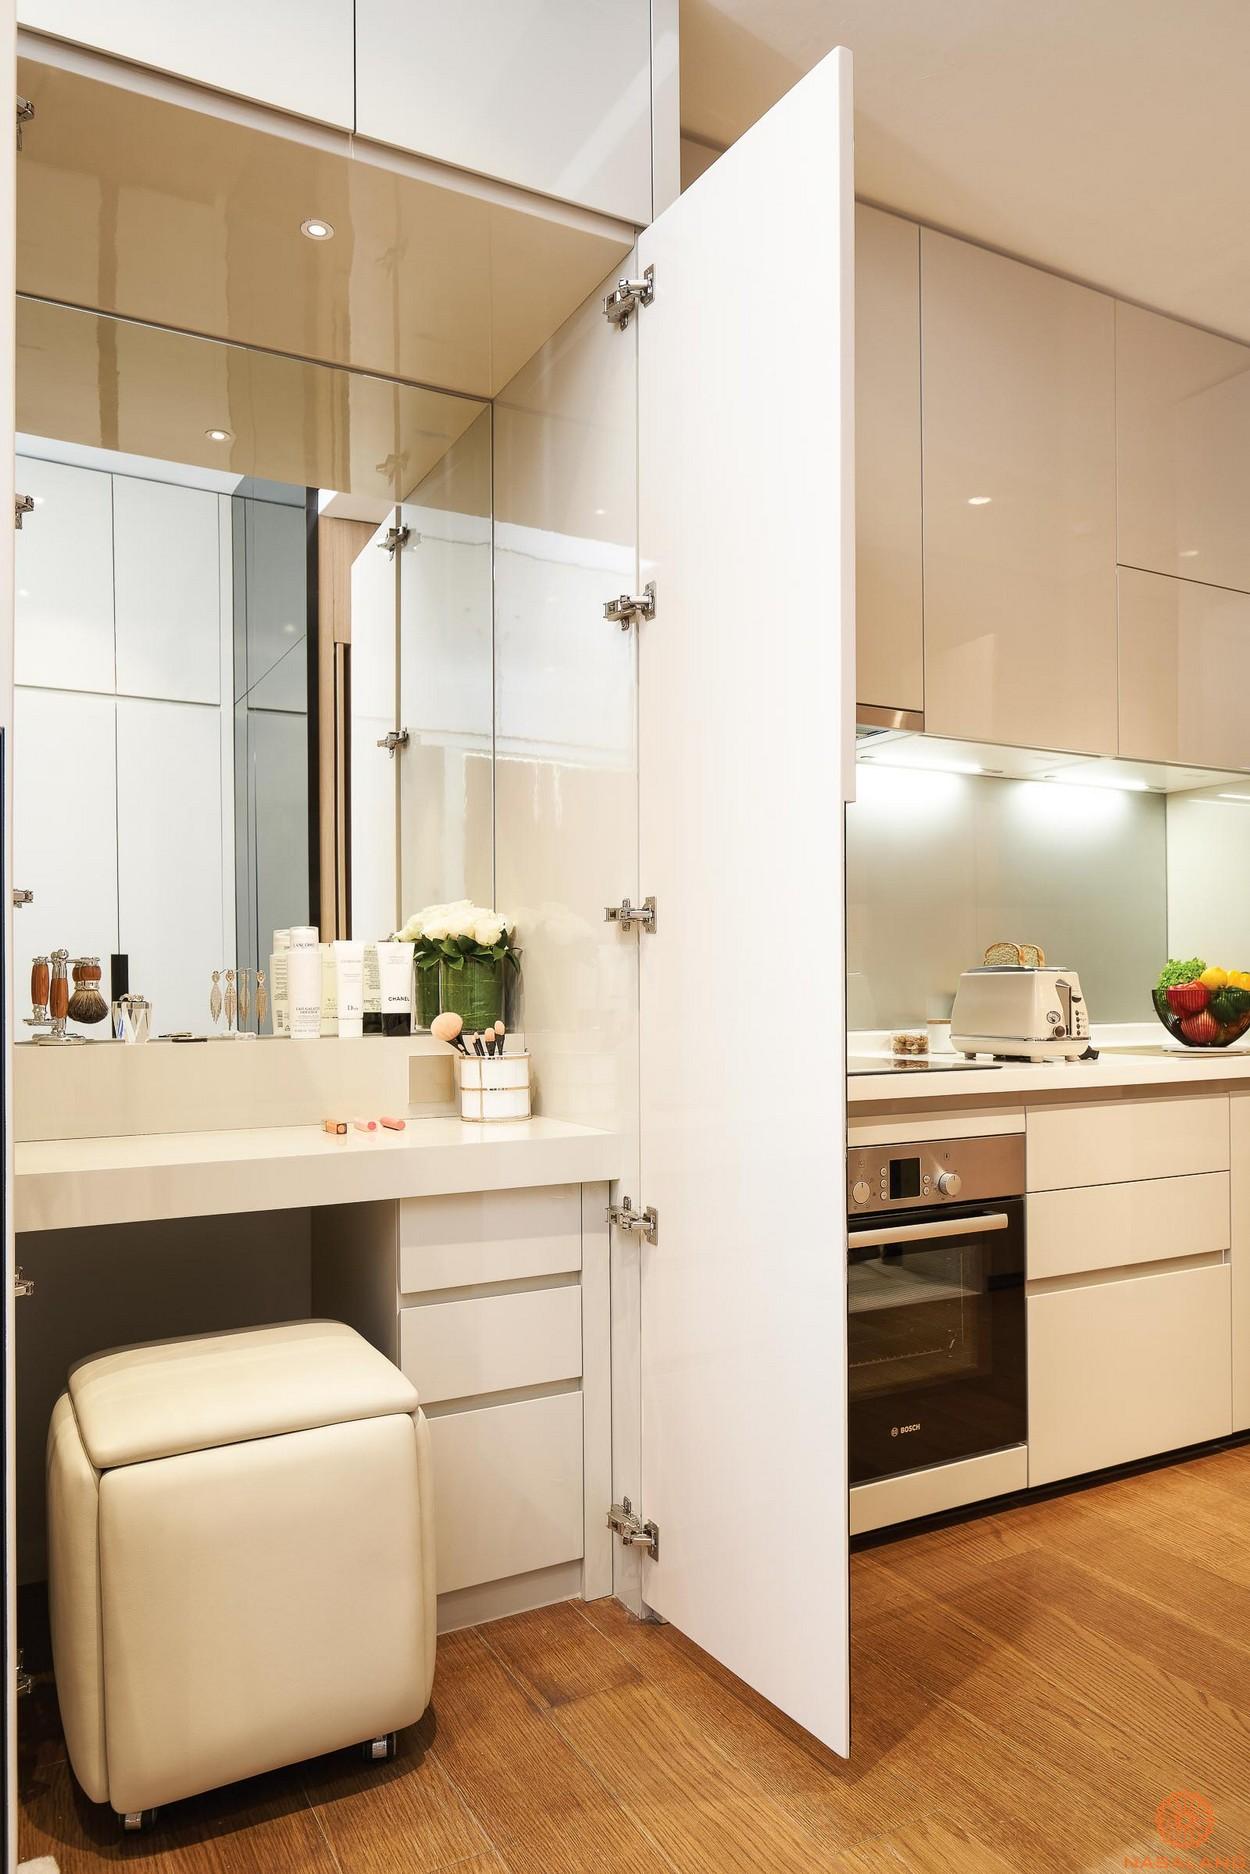 Nội thất thuộc gian bếp của căn hộ